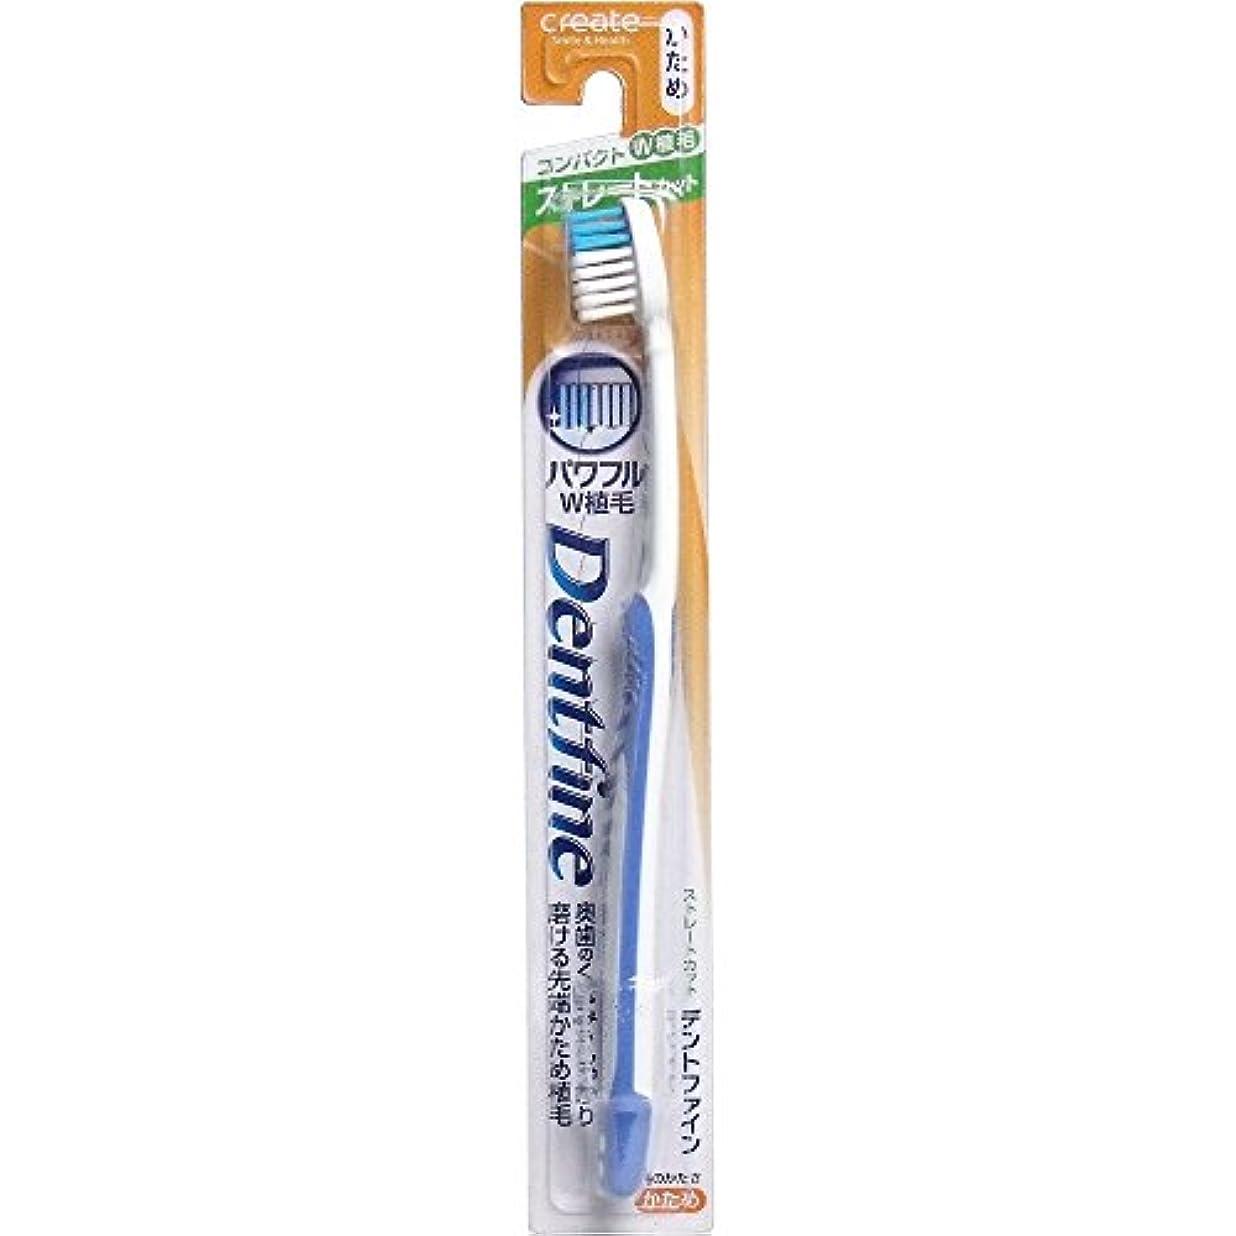 基本的なテレビ放棄デントファイン ラバーグリップ ストレートカット 歯ブラシ かため 1本:ブルー